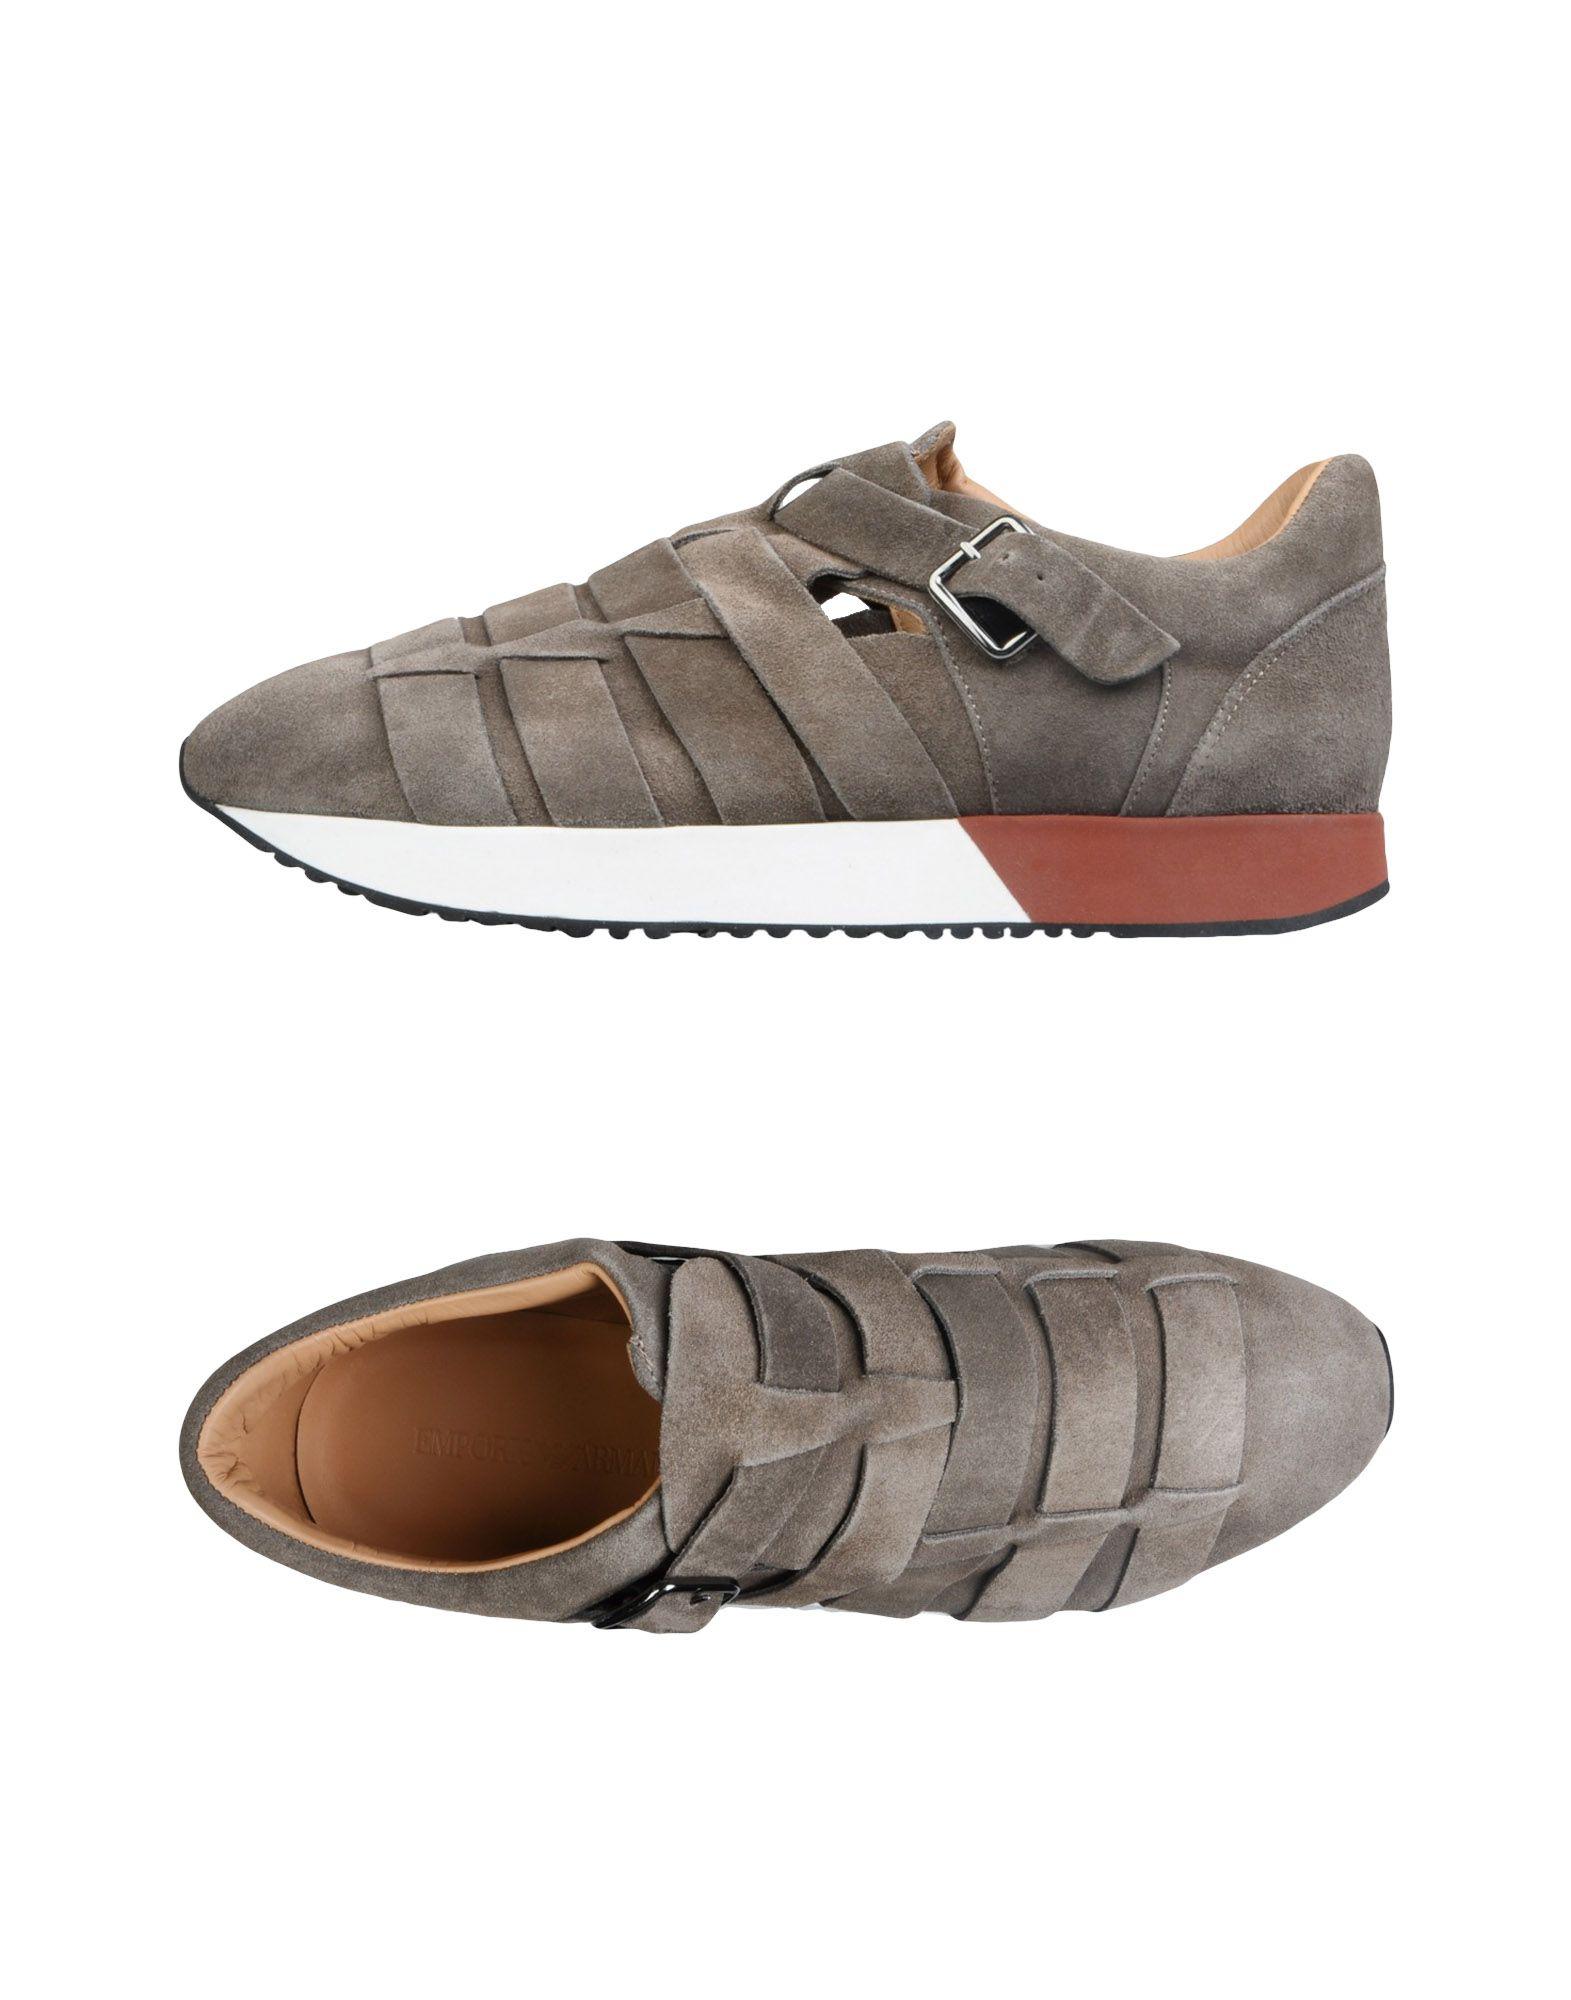 Rabatt echte Schuhe Emporio Armani Sneakers Herren  11204254SP